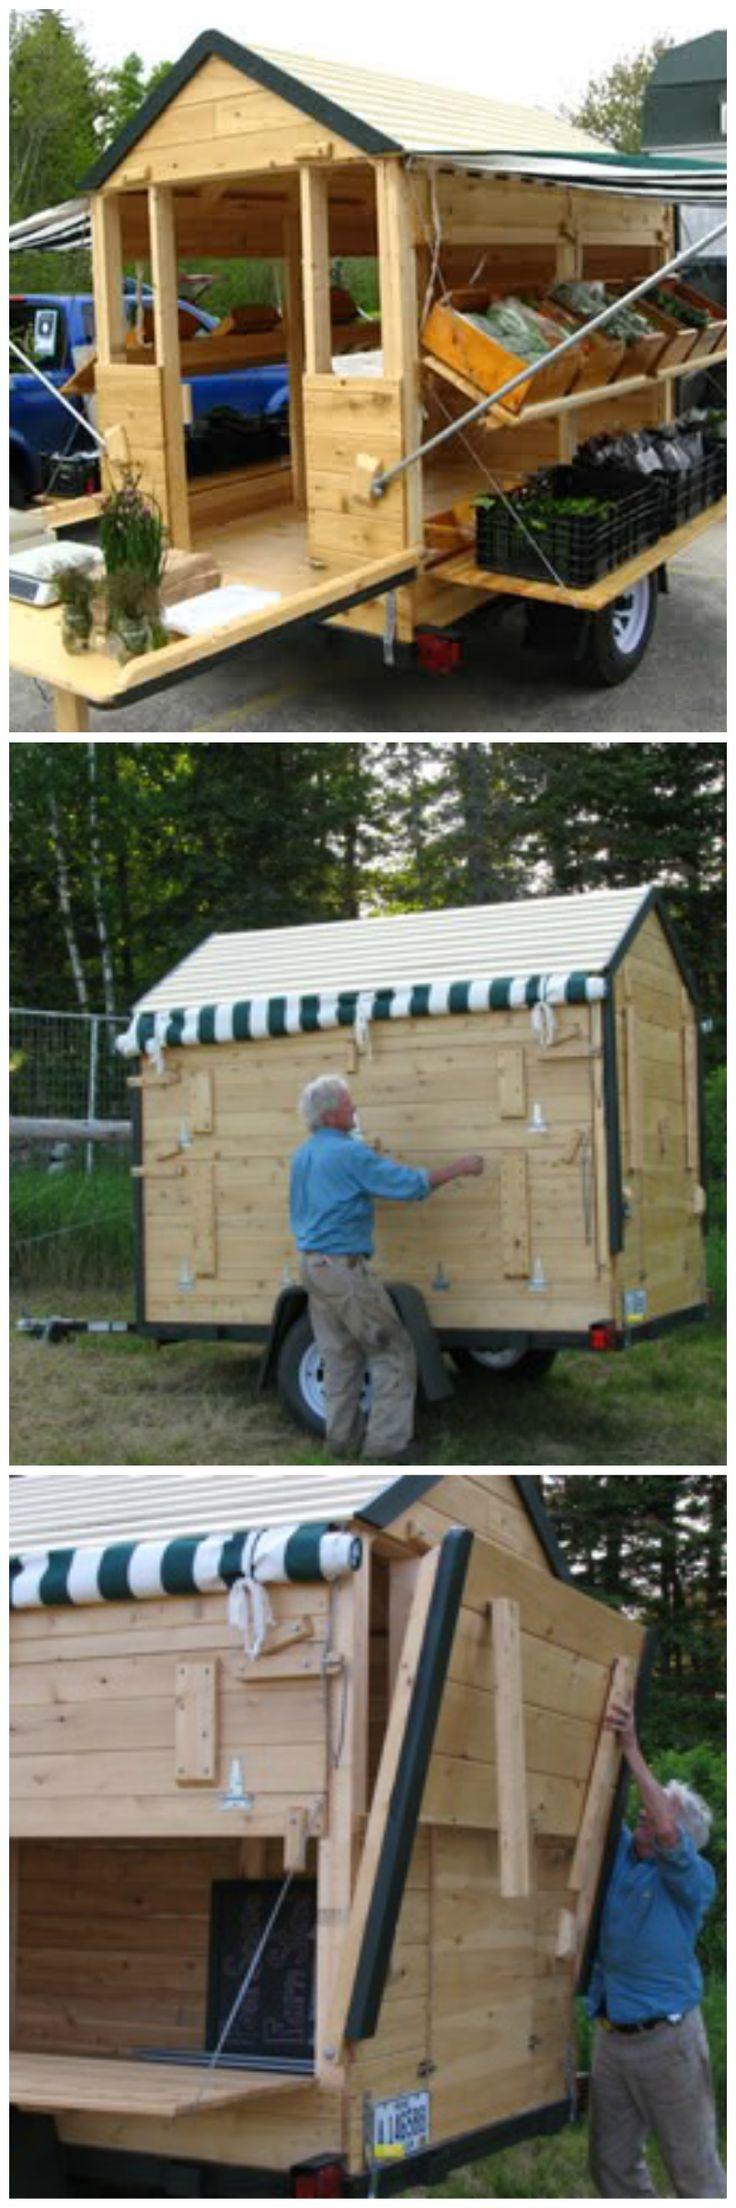 Portable Farm Stand                                                                                                                                                                                 More